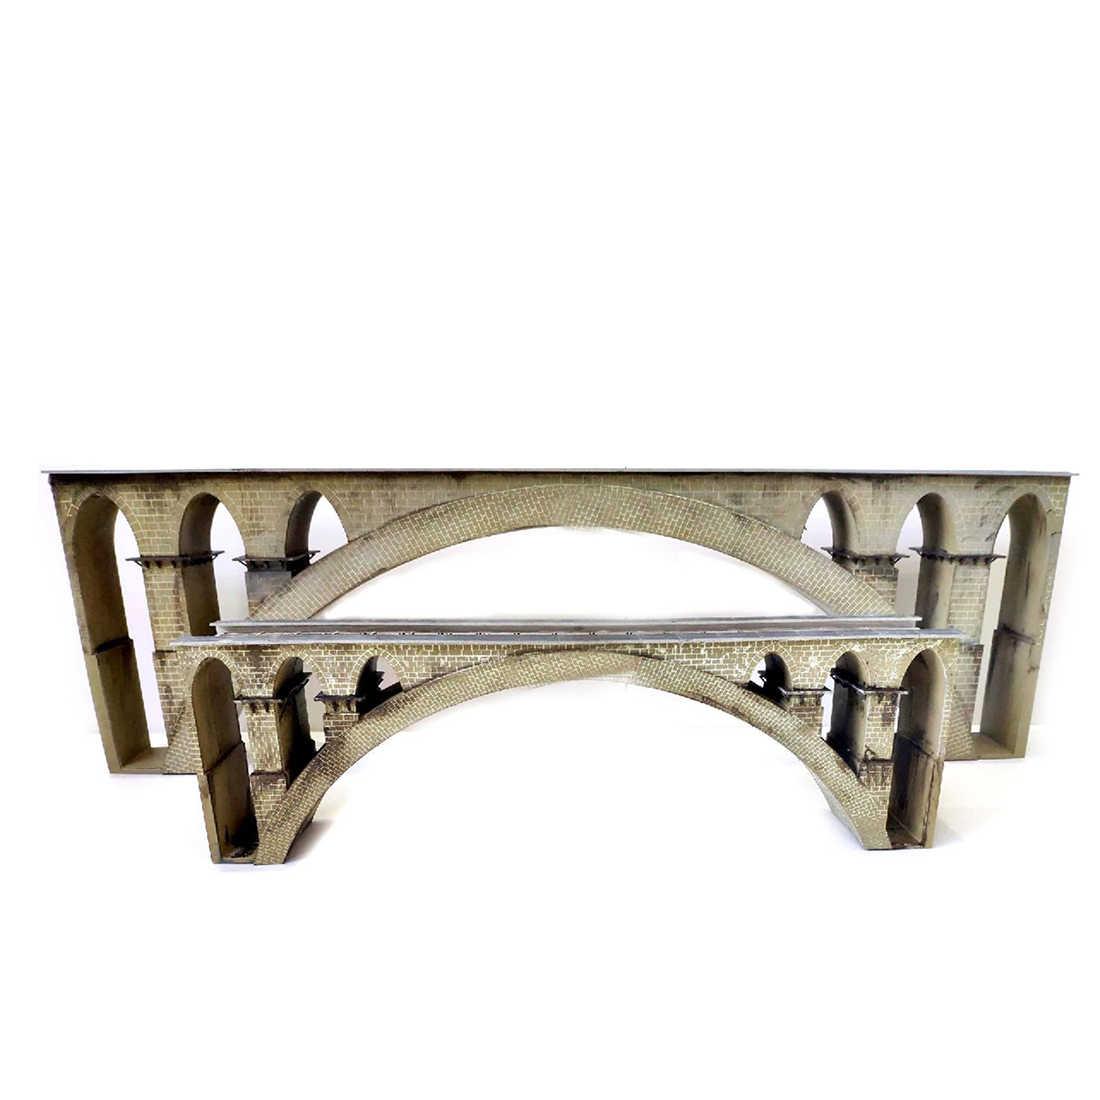 35cm 1: 87 escala de ho trem cena ferroviária decoração t41 primeira linha ponte montagem kit modelo para diy mesa de areia arquitetônica